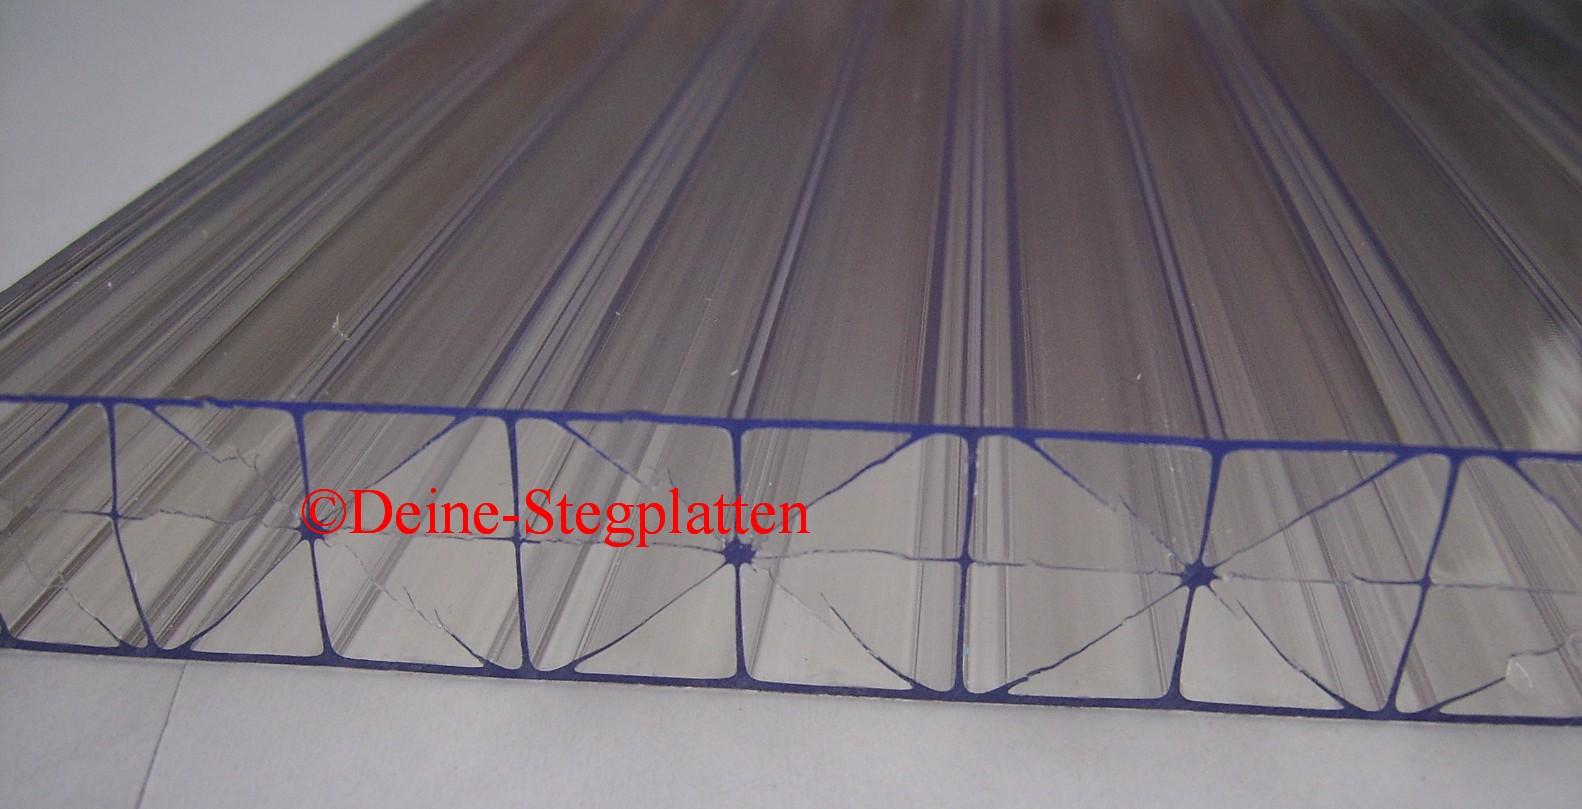 komplettdach terrassendach 16 mm stegplatten x steg klar 5x3 5 m mit zubeh r ebay. Black Bedroom Furniture Sets. Home Design Ideas